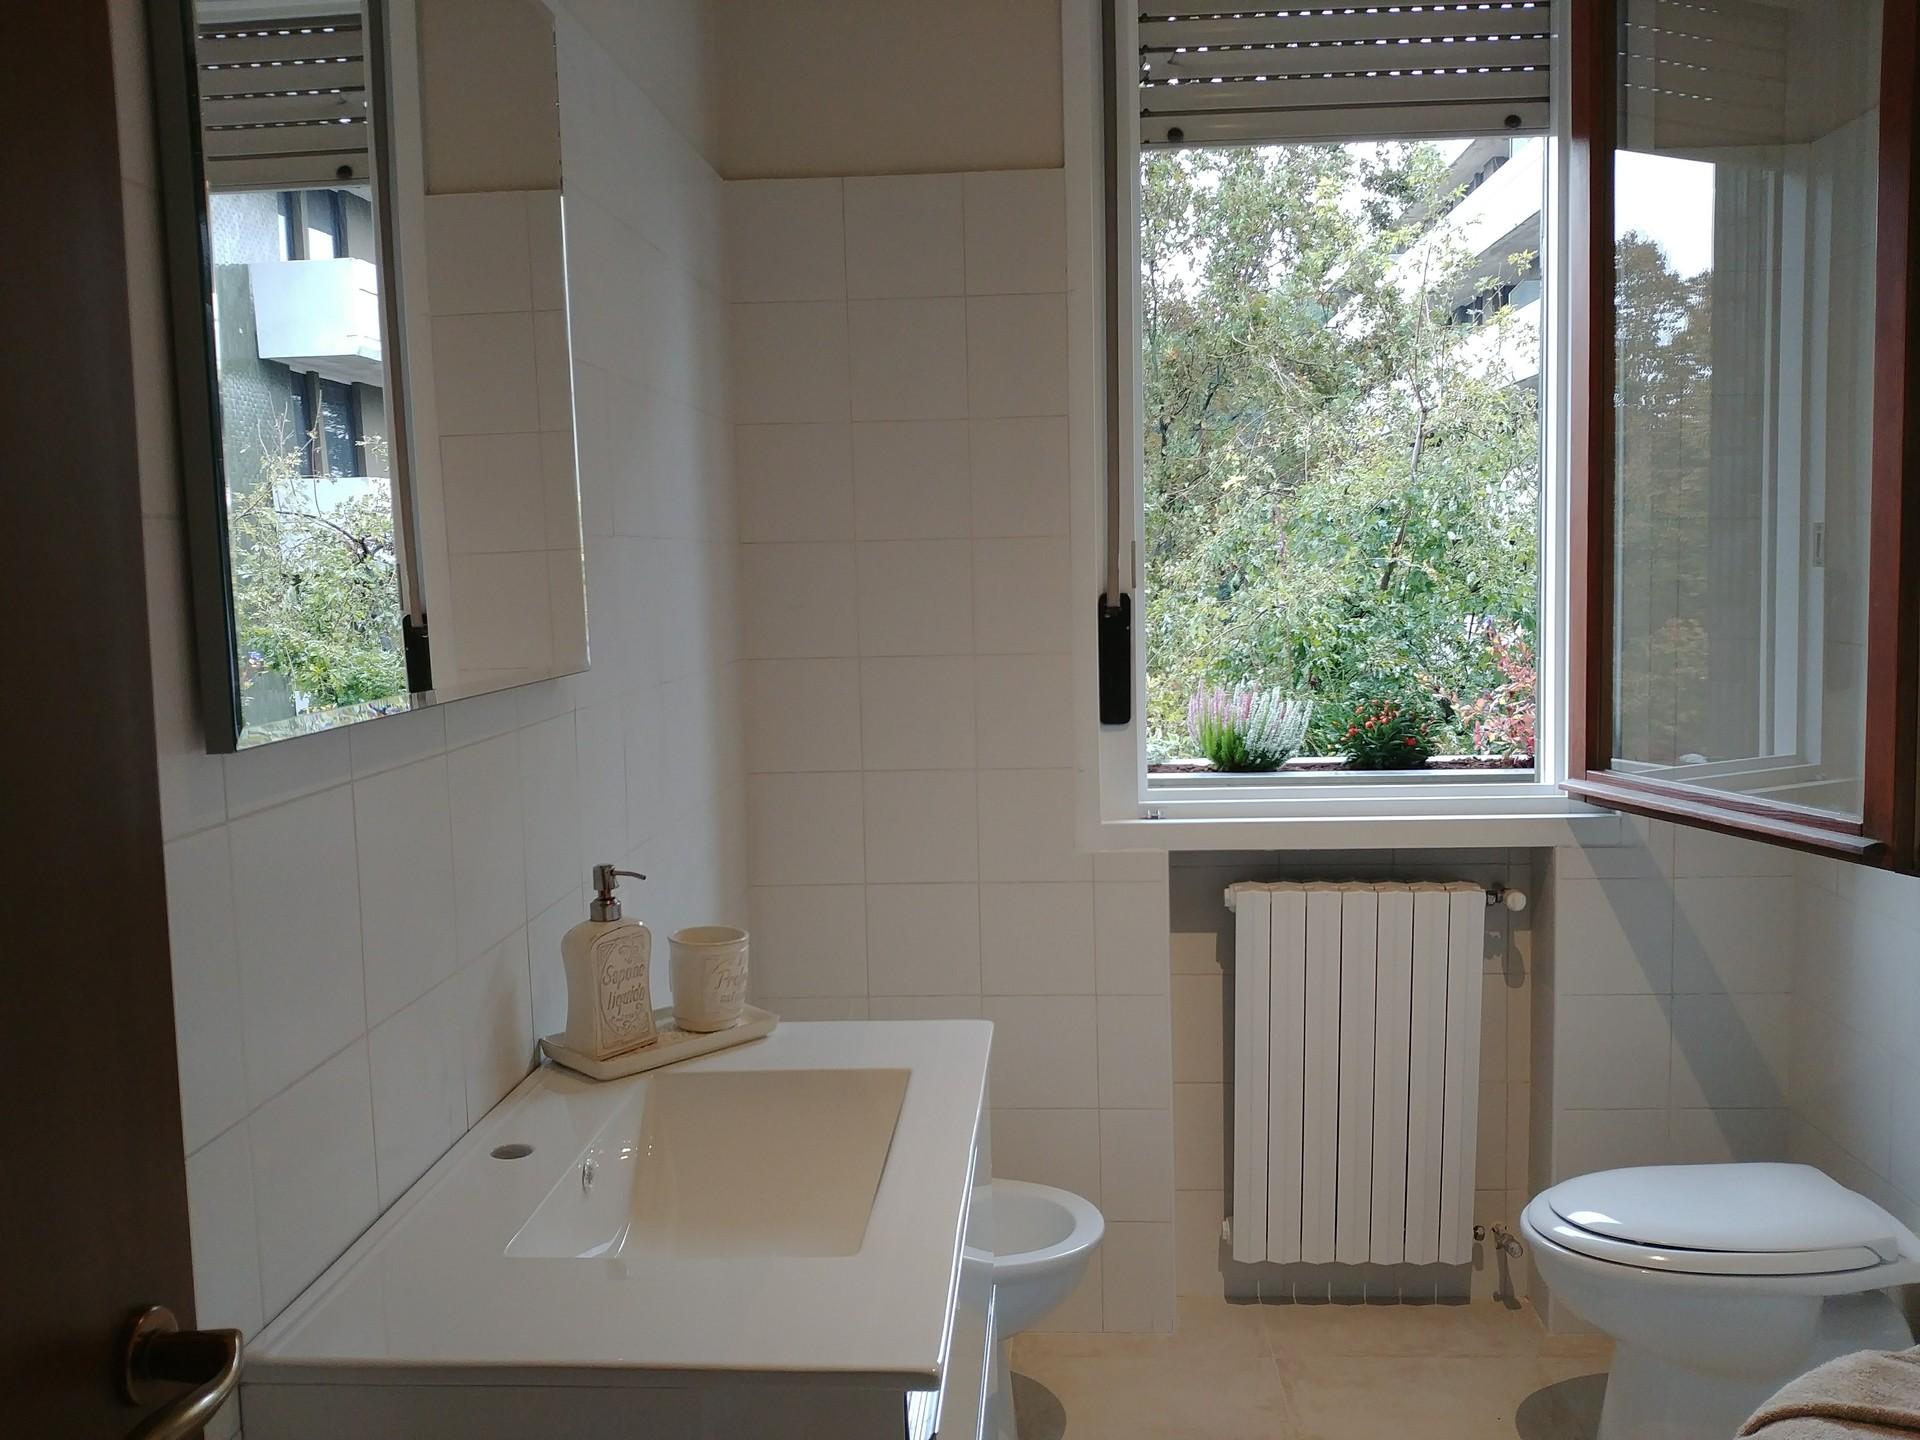 Via Luigi Pellizzo, 14, 35128 Padova PD, Italia